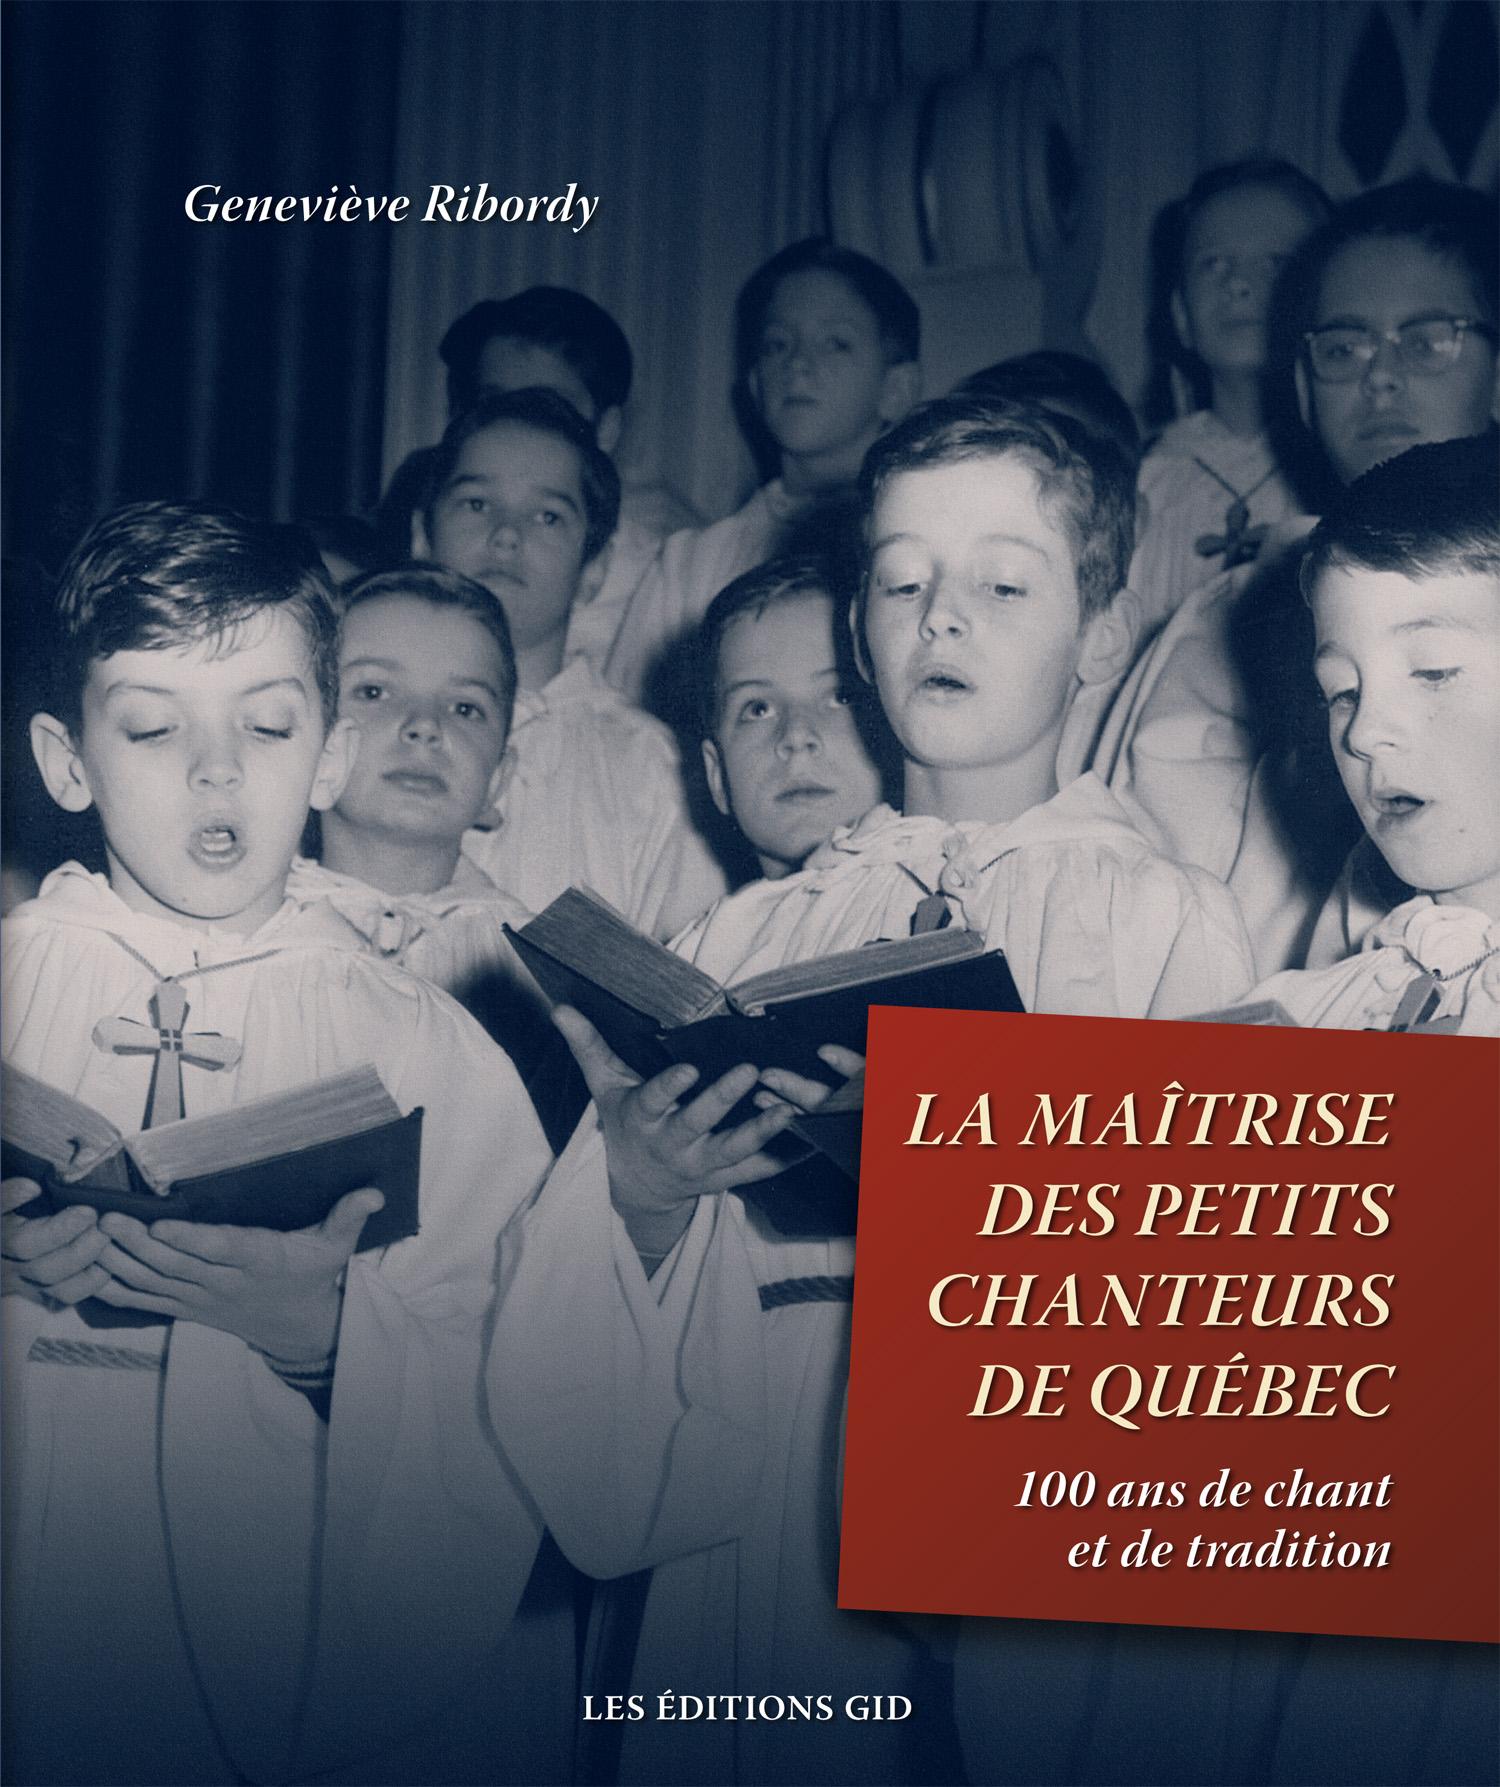 Lancement du livre La Maîtrise des petits chanteurs de Québec